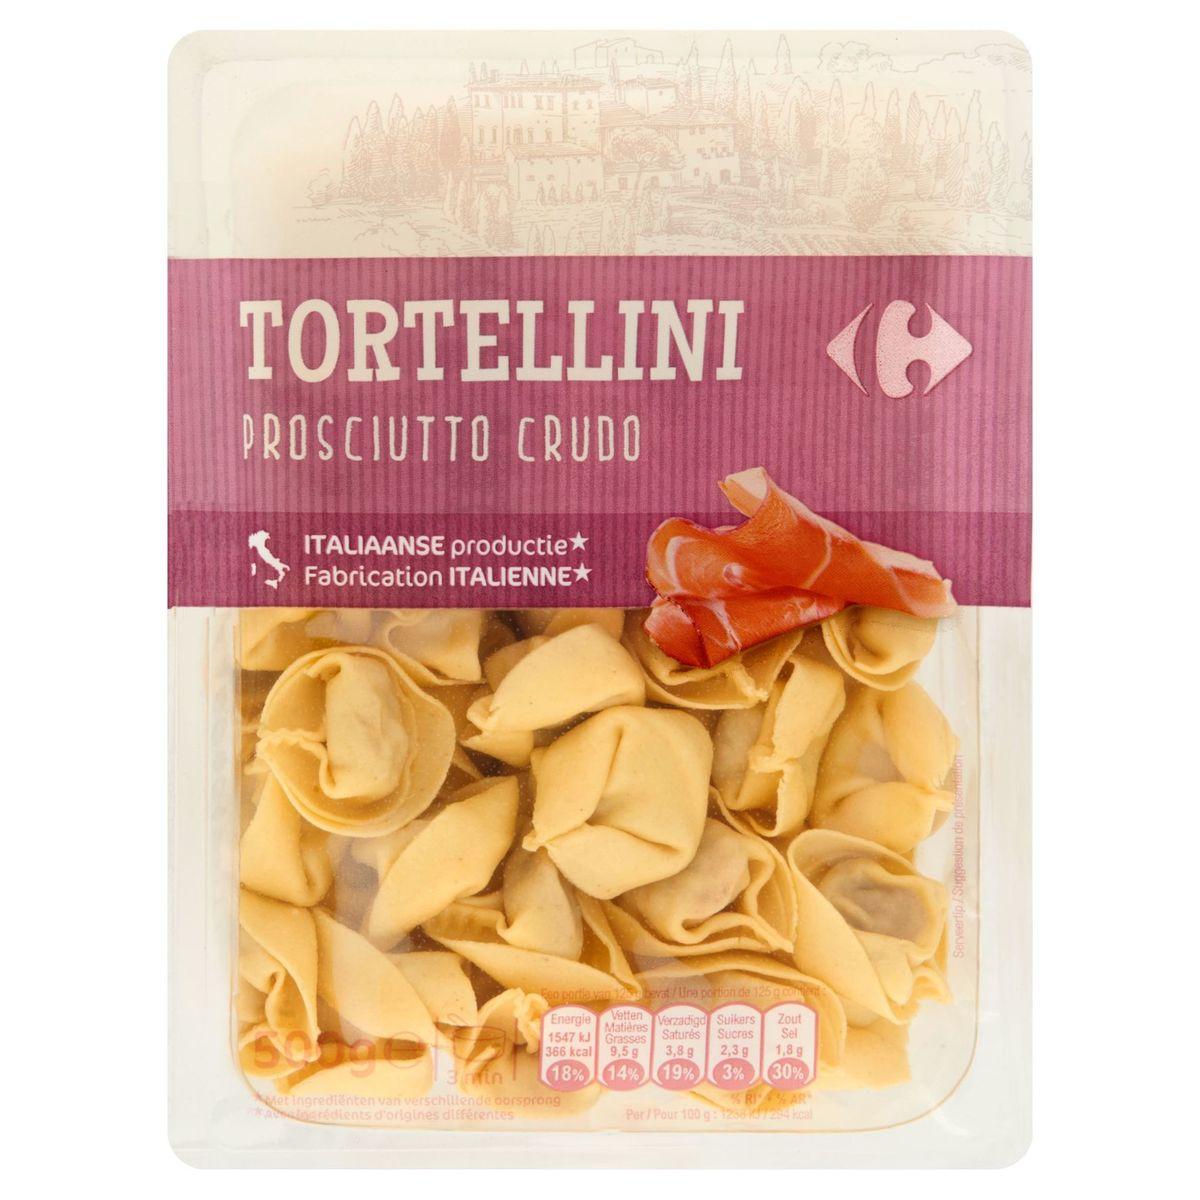 Carrefour Tortellini Prosciutto Crudo 500 g